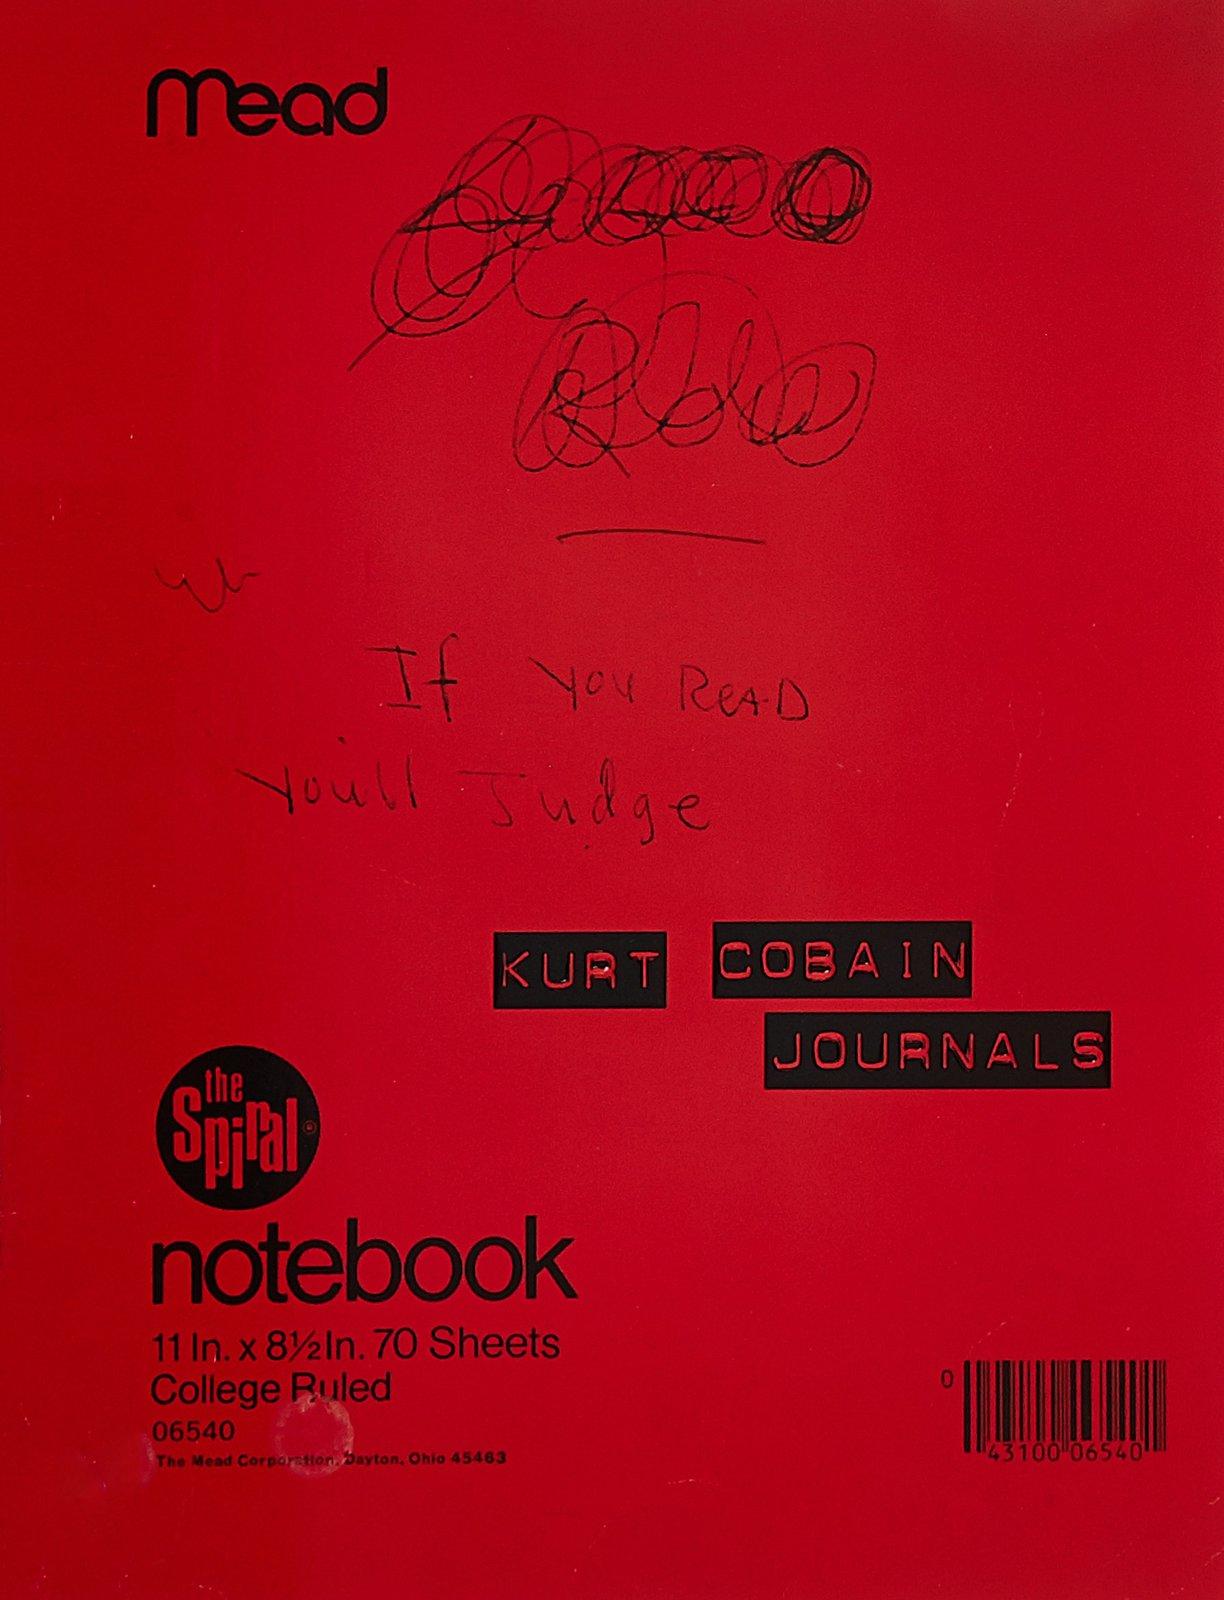 Journals by Kurt Cobain image